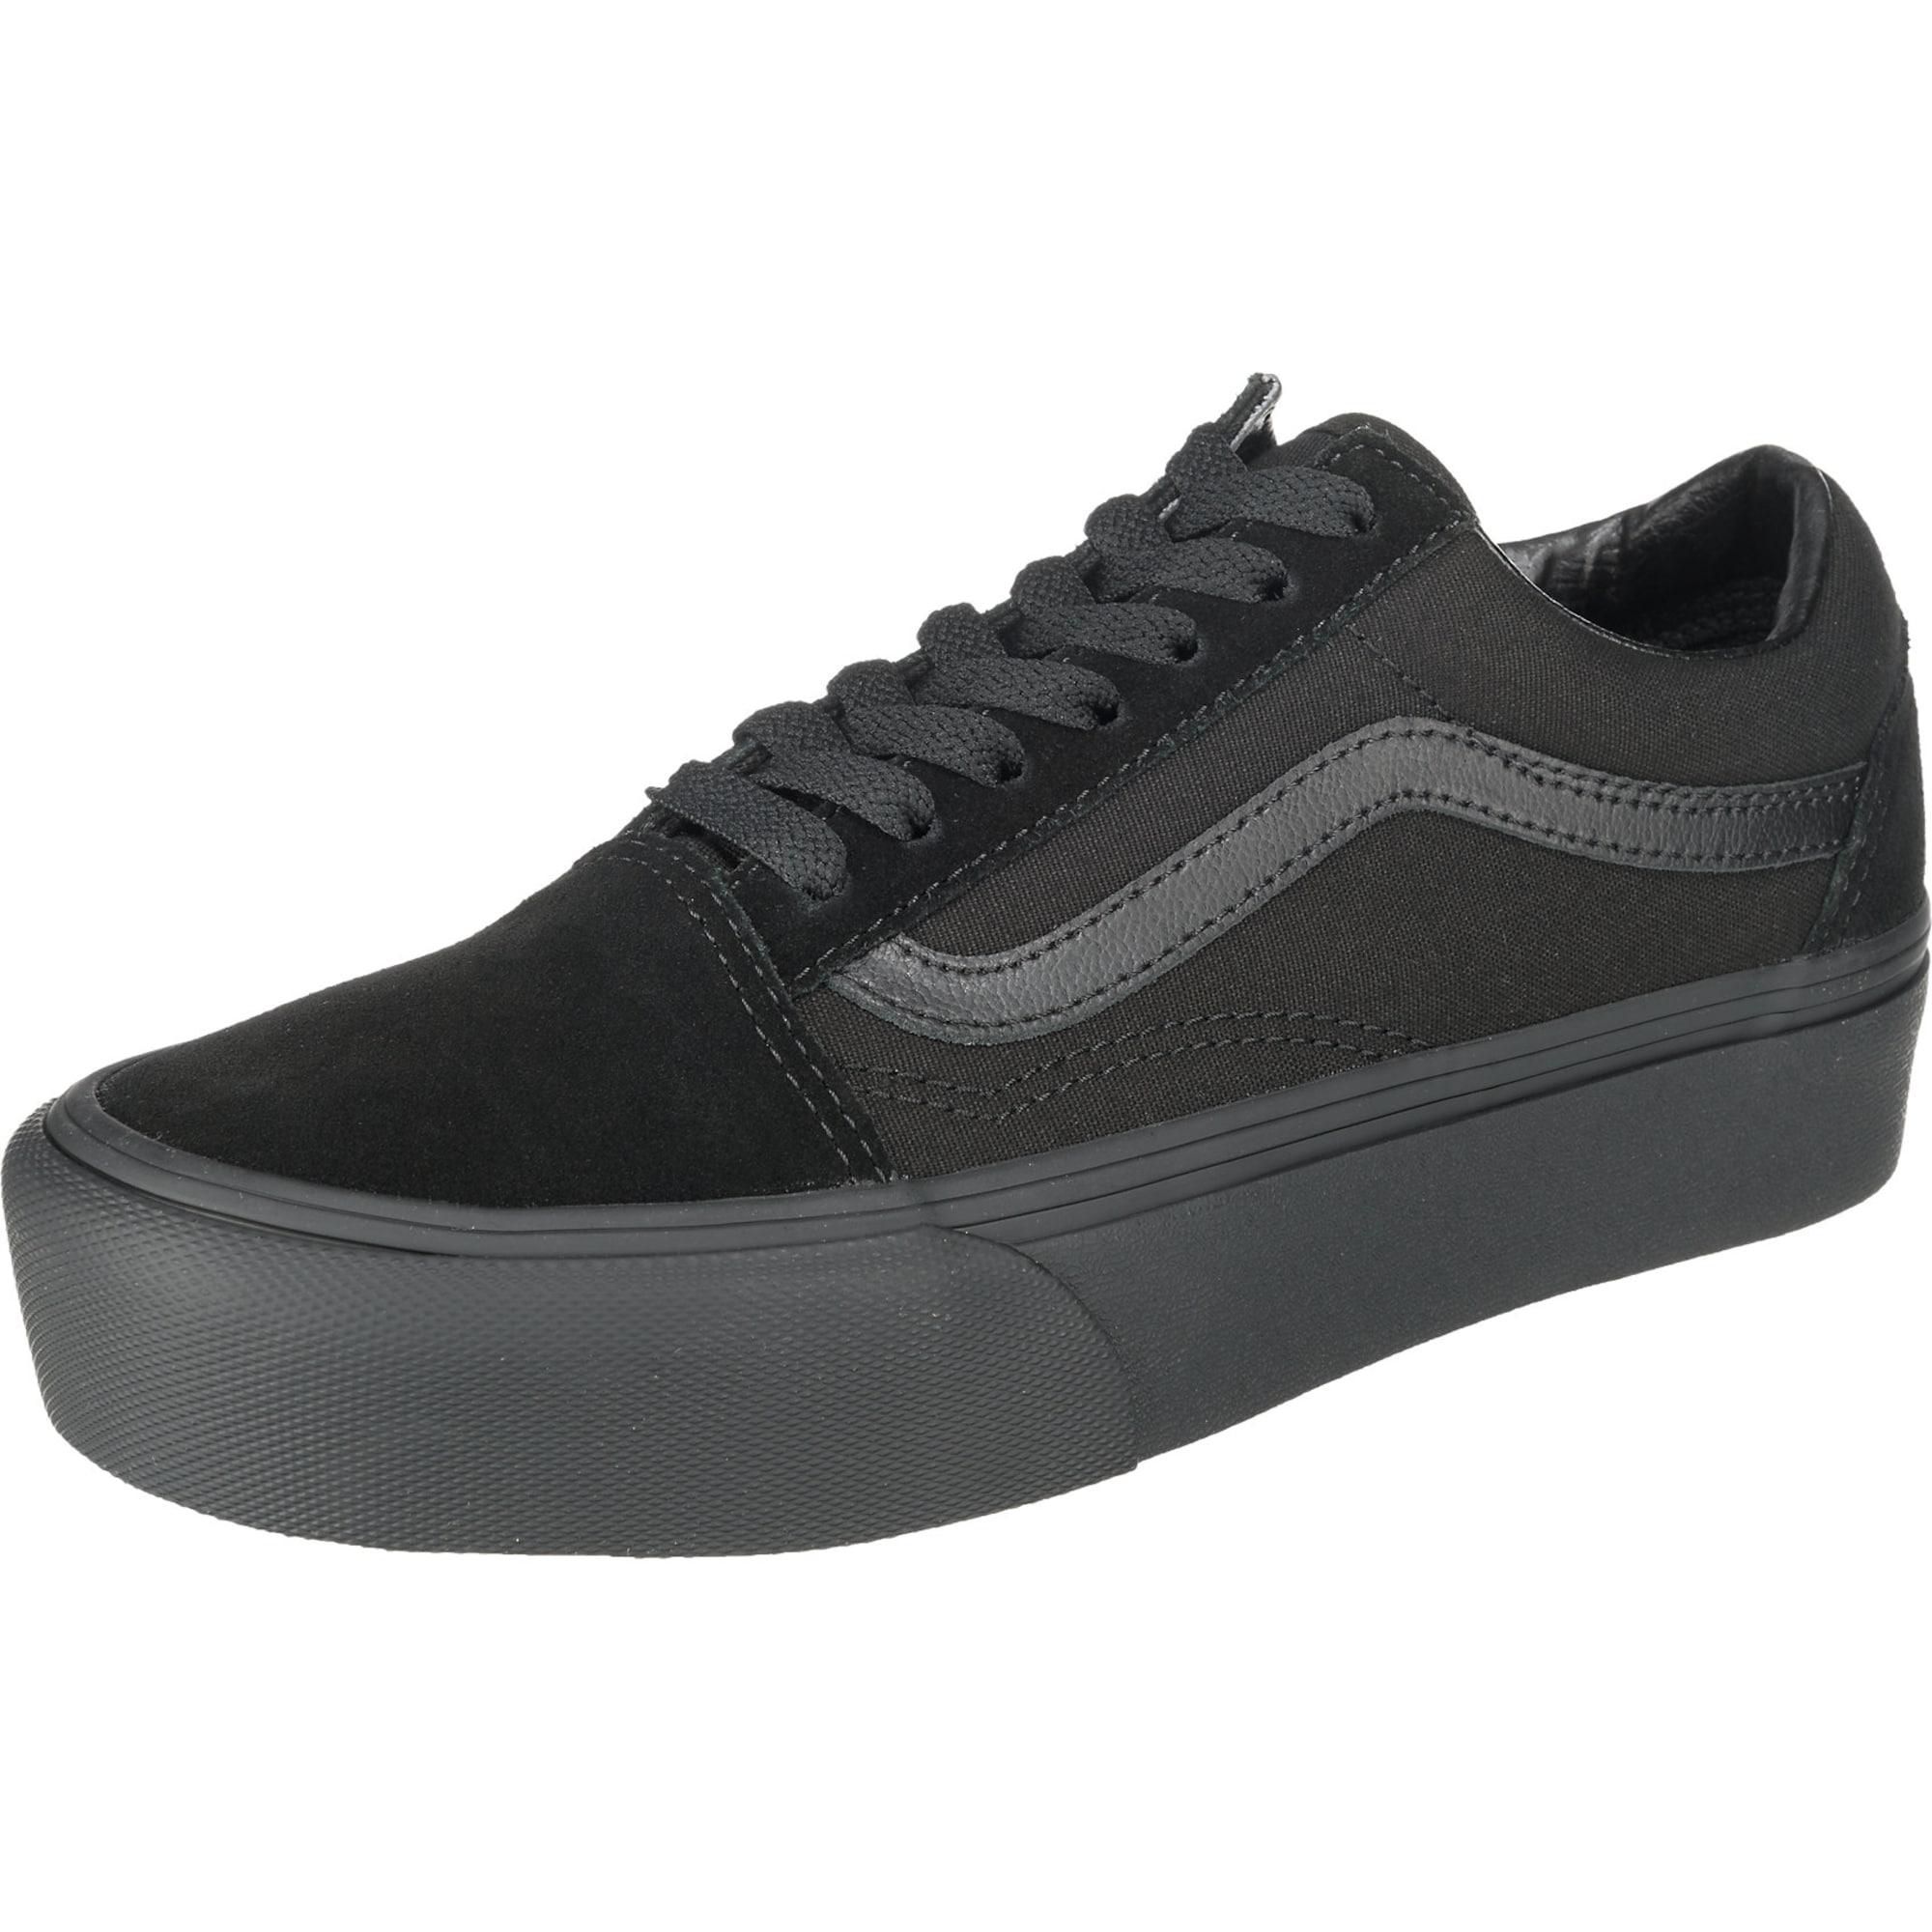 5809fddc51 Vans Old Skool Platform Sneakers Preis  ab 84.95 EUR EUR